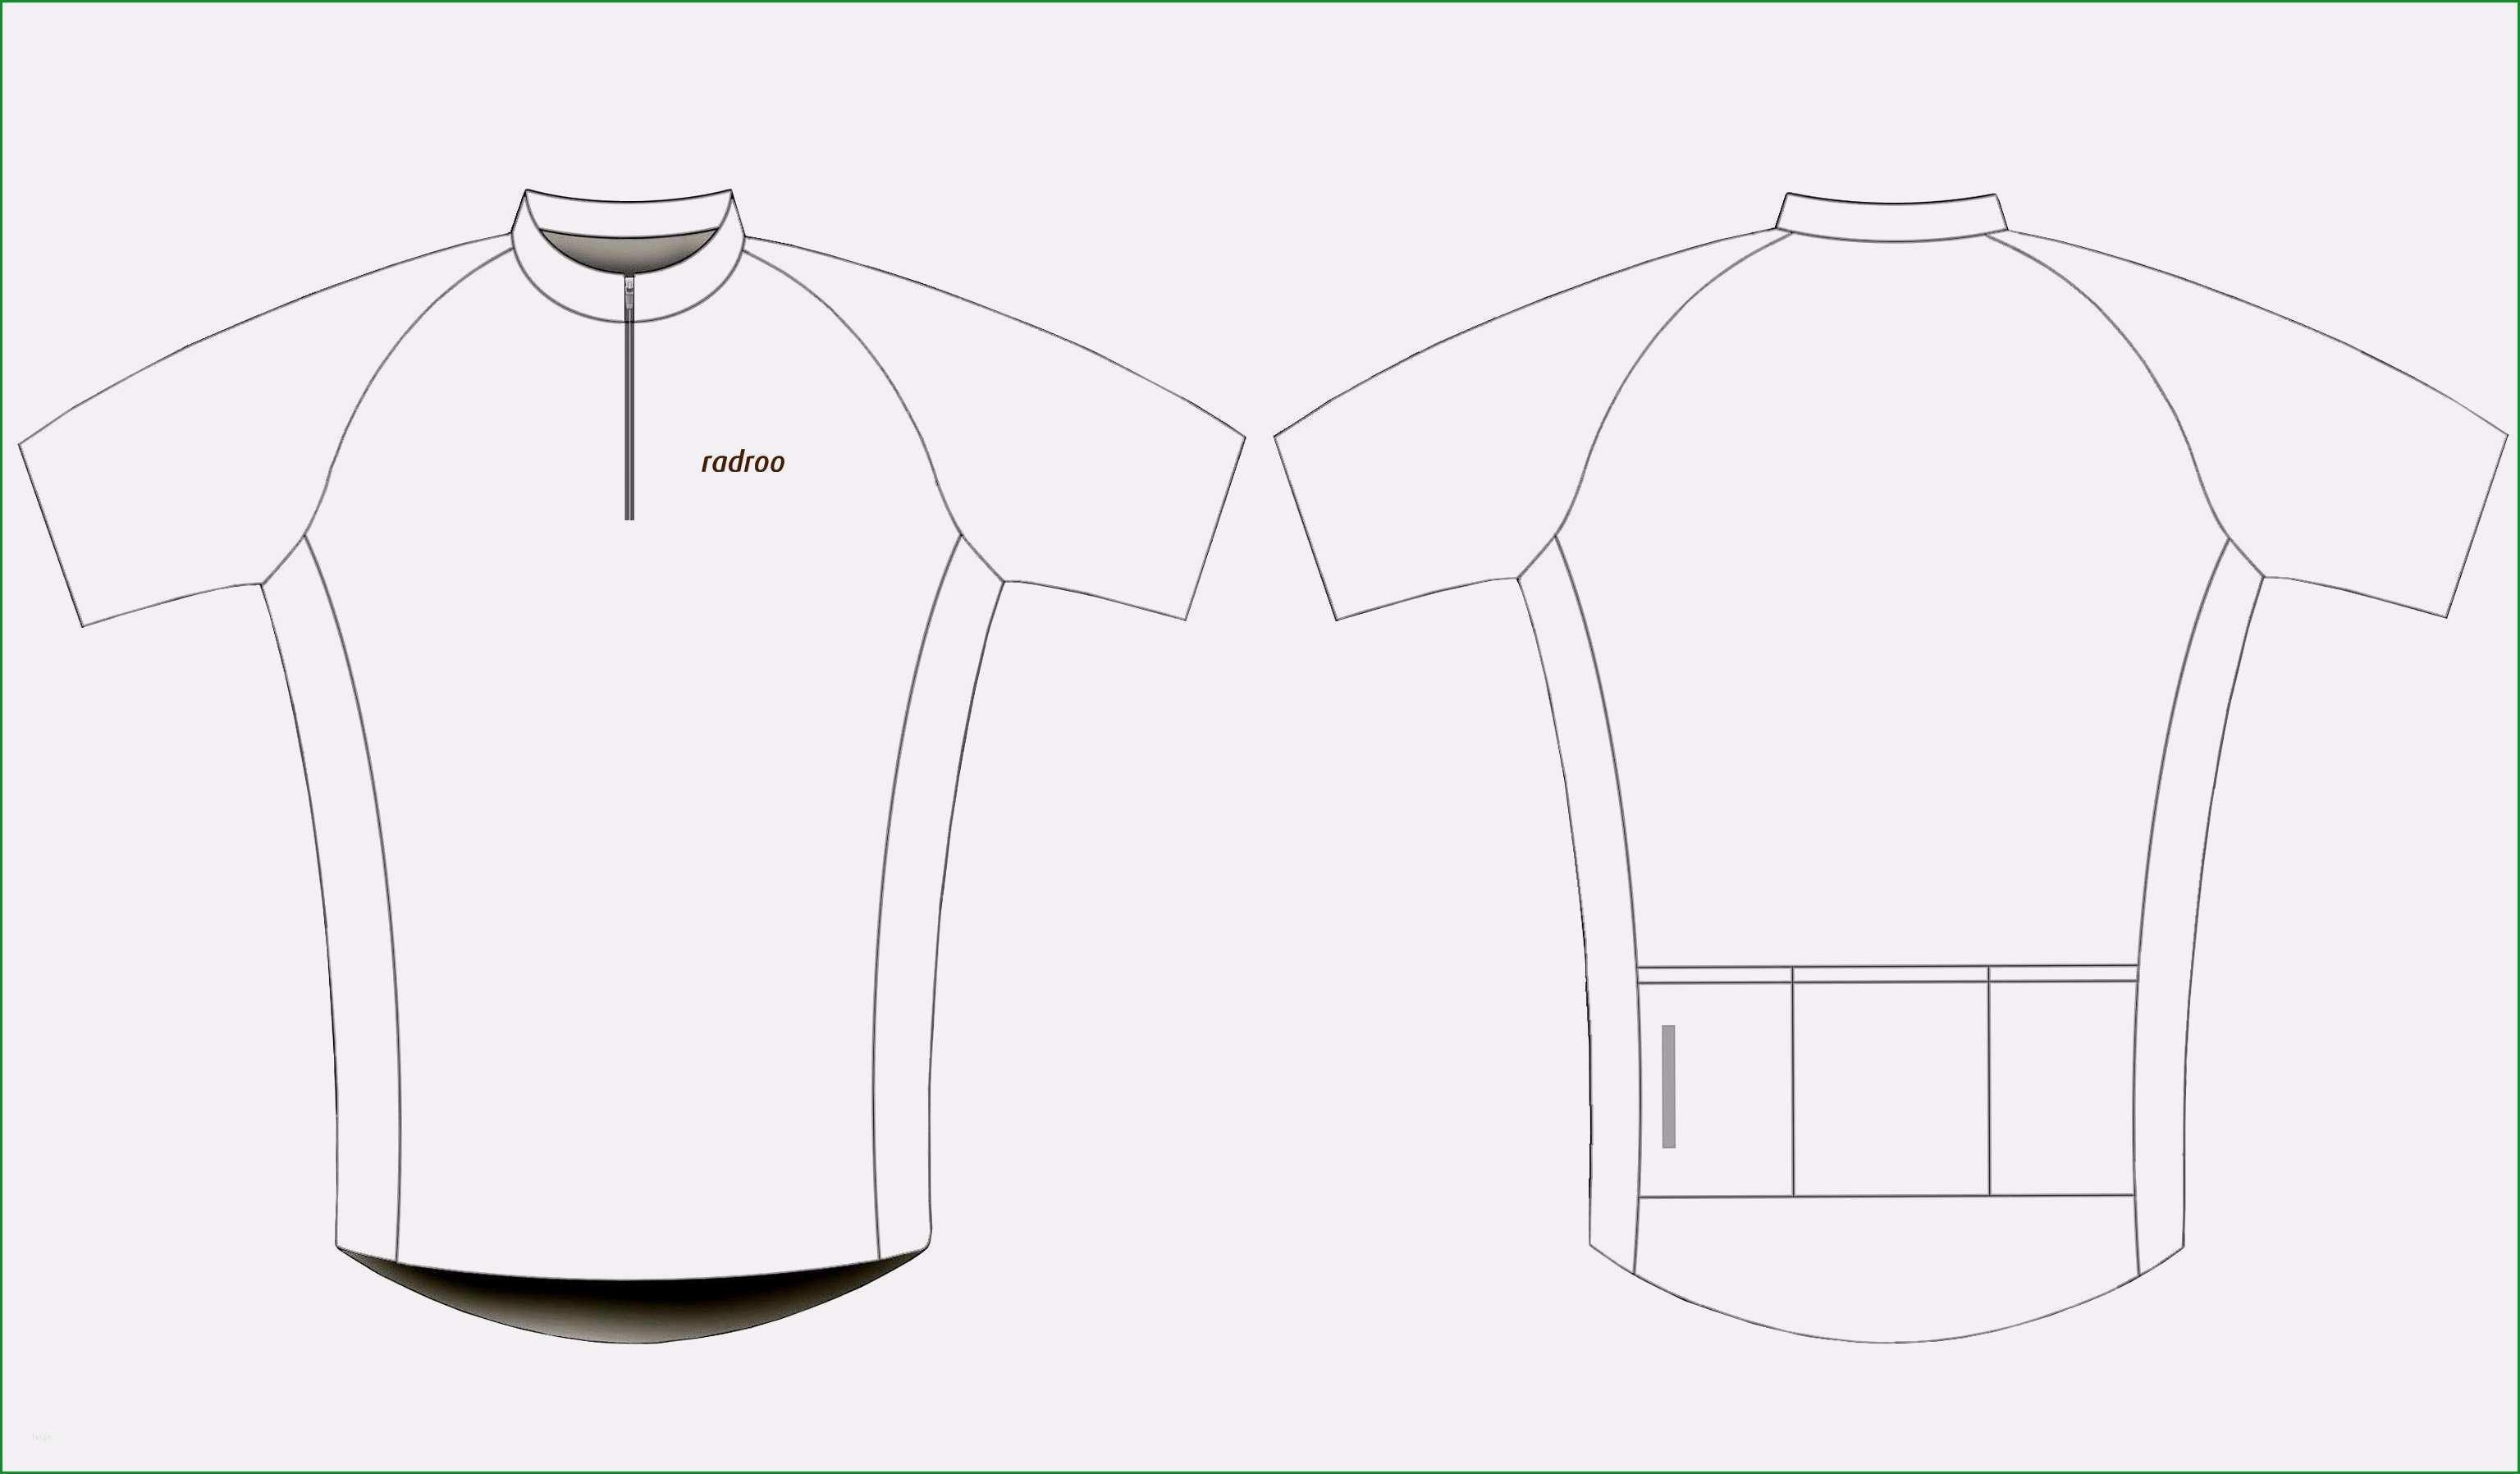 trikot vorlage grosartig design radroo